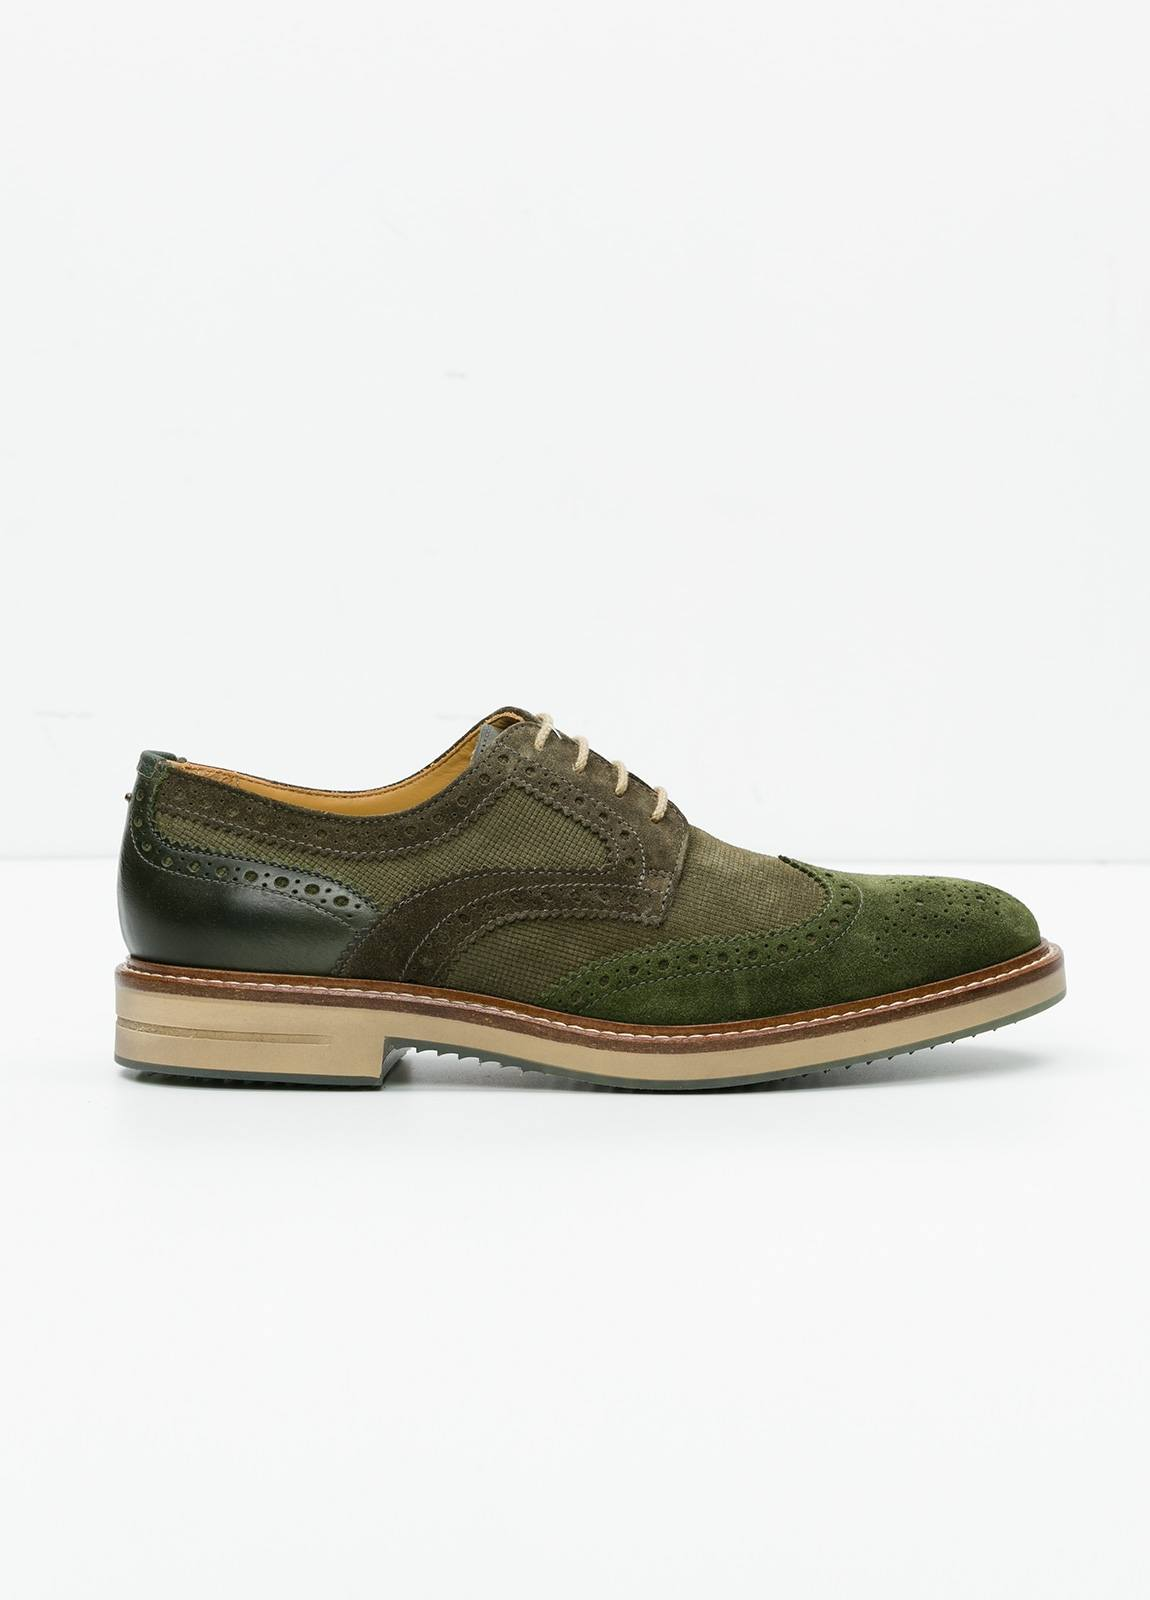 Zapato Sport Wear color kaki. Combinación de serraje y piel con troquelado.